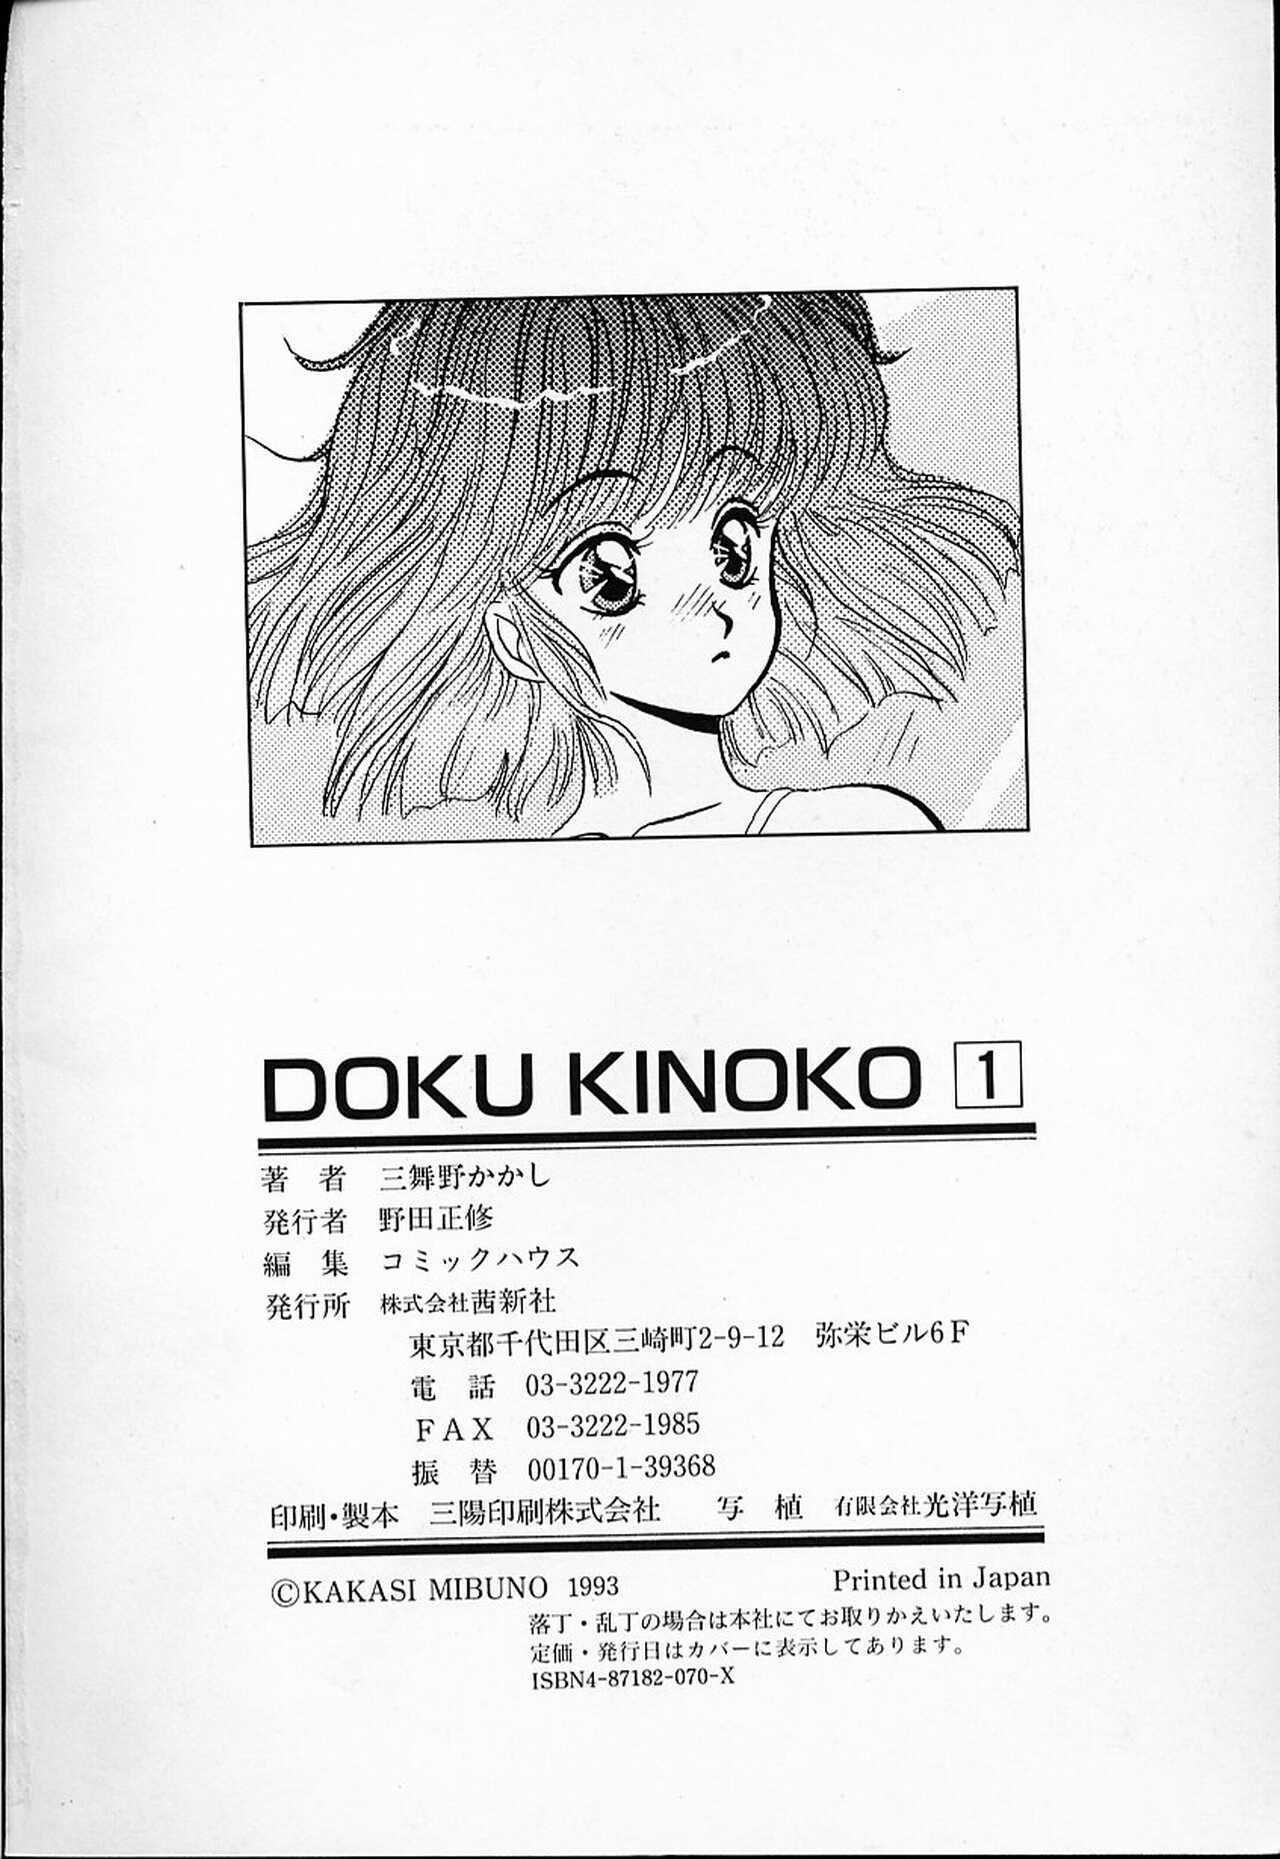 DOKU KINOKO 1 162